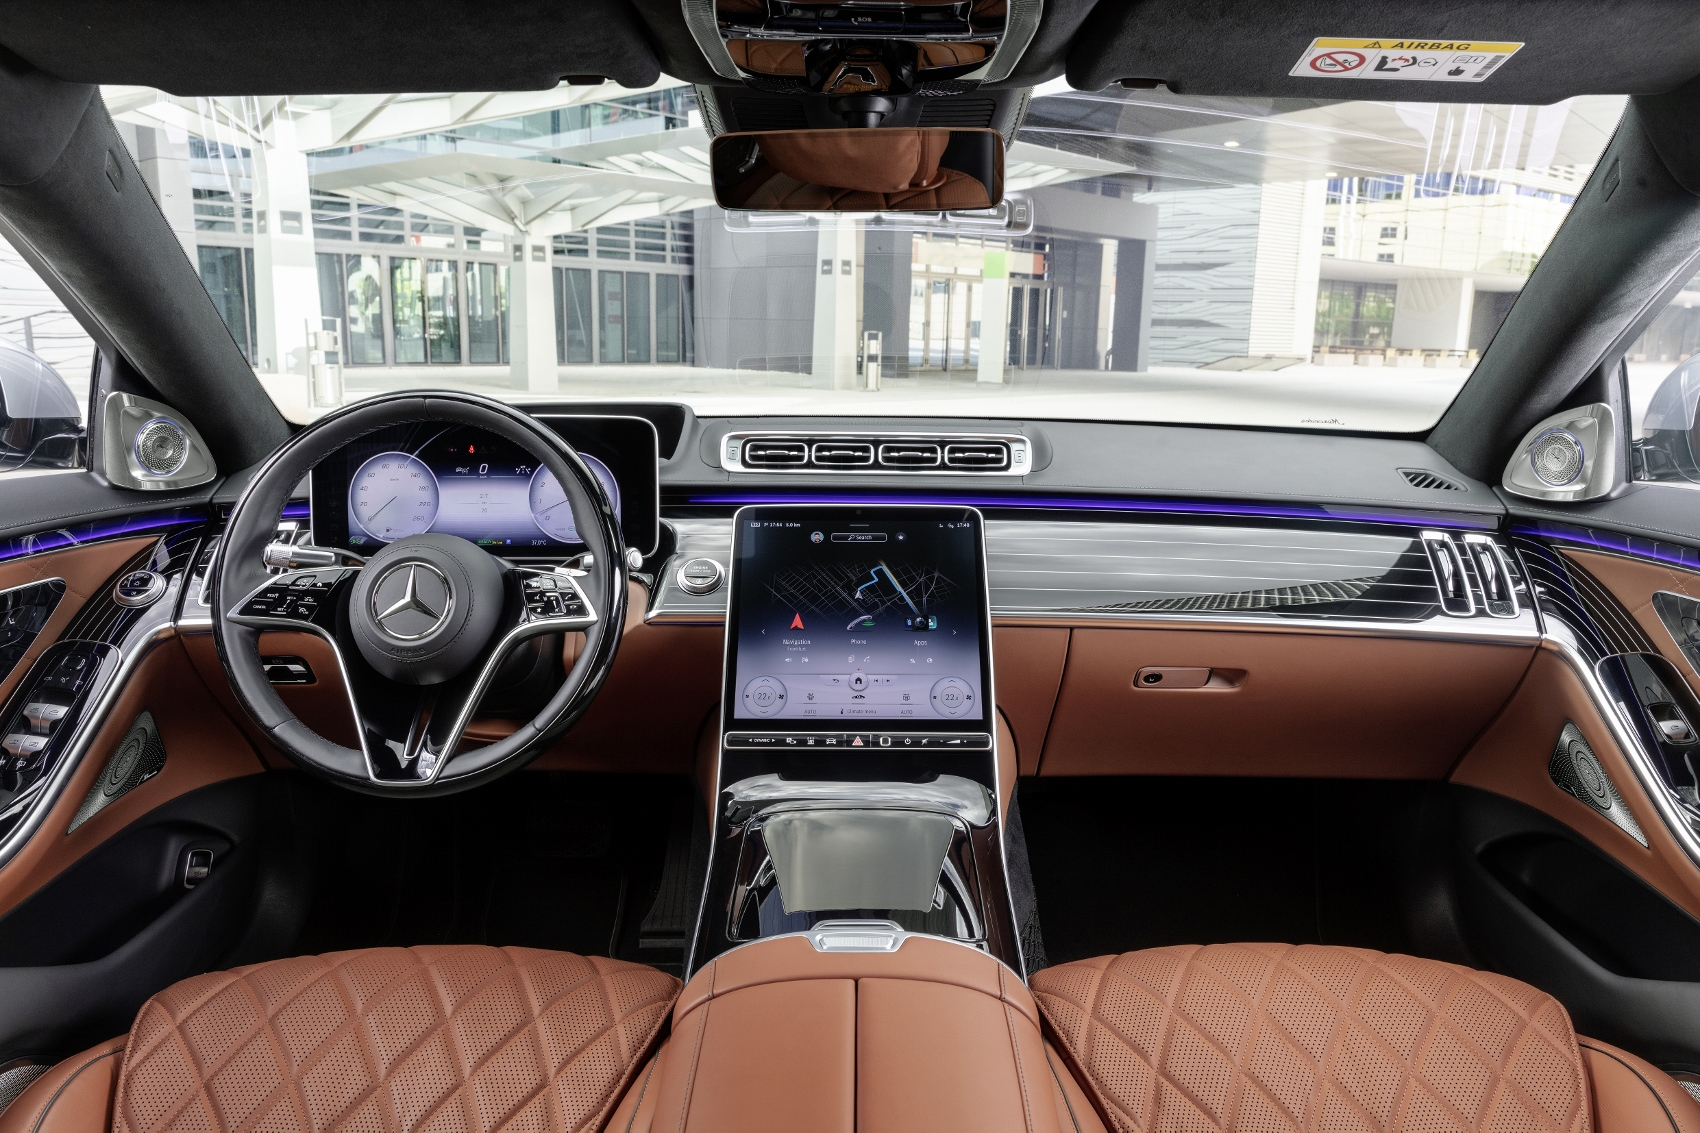 Nový Mercedes S je najpokročilejším Mercedesom v histórii 5LC0igRuj2 20c0358095-1700x1133